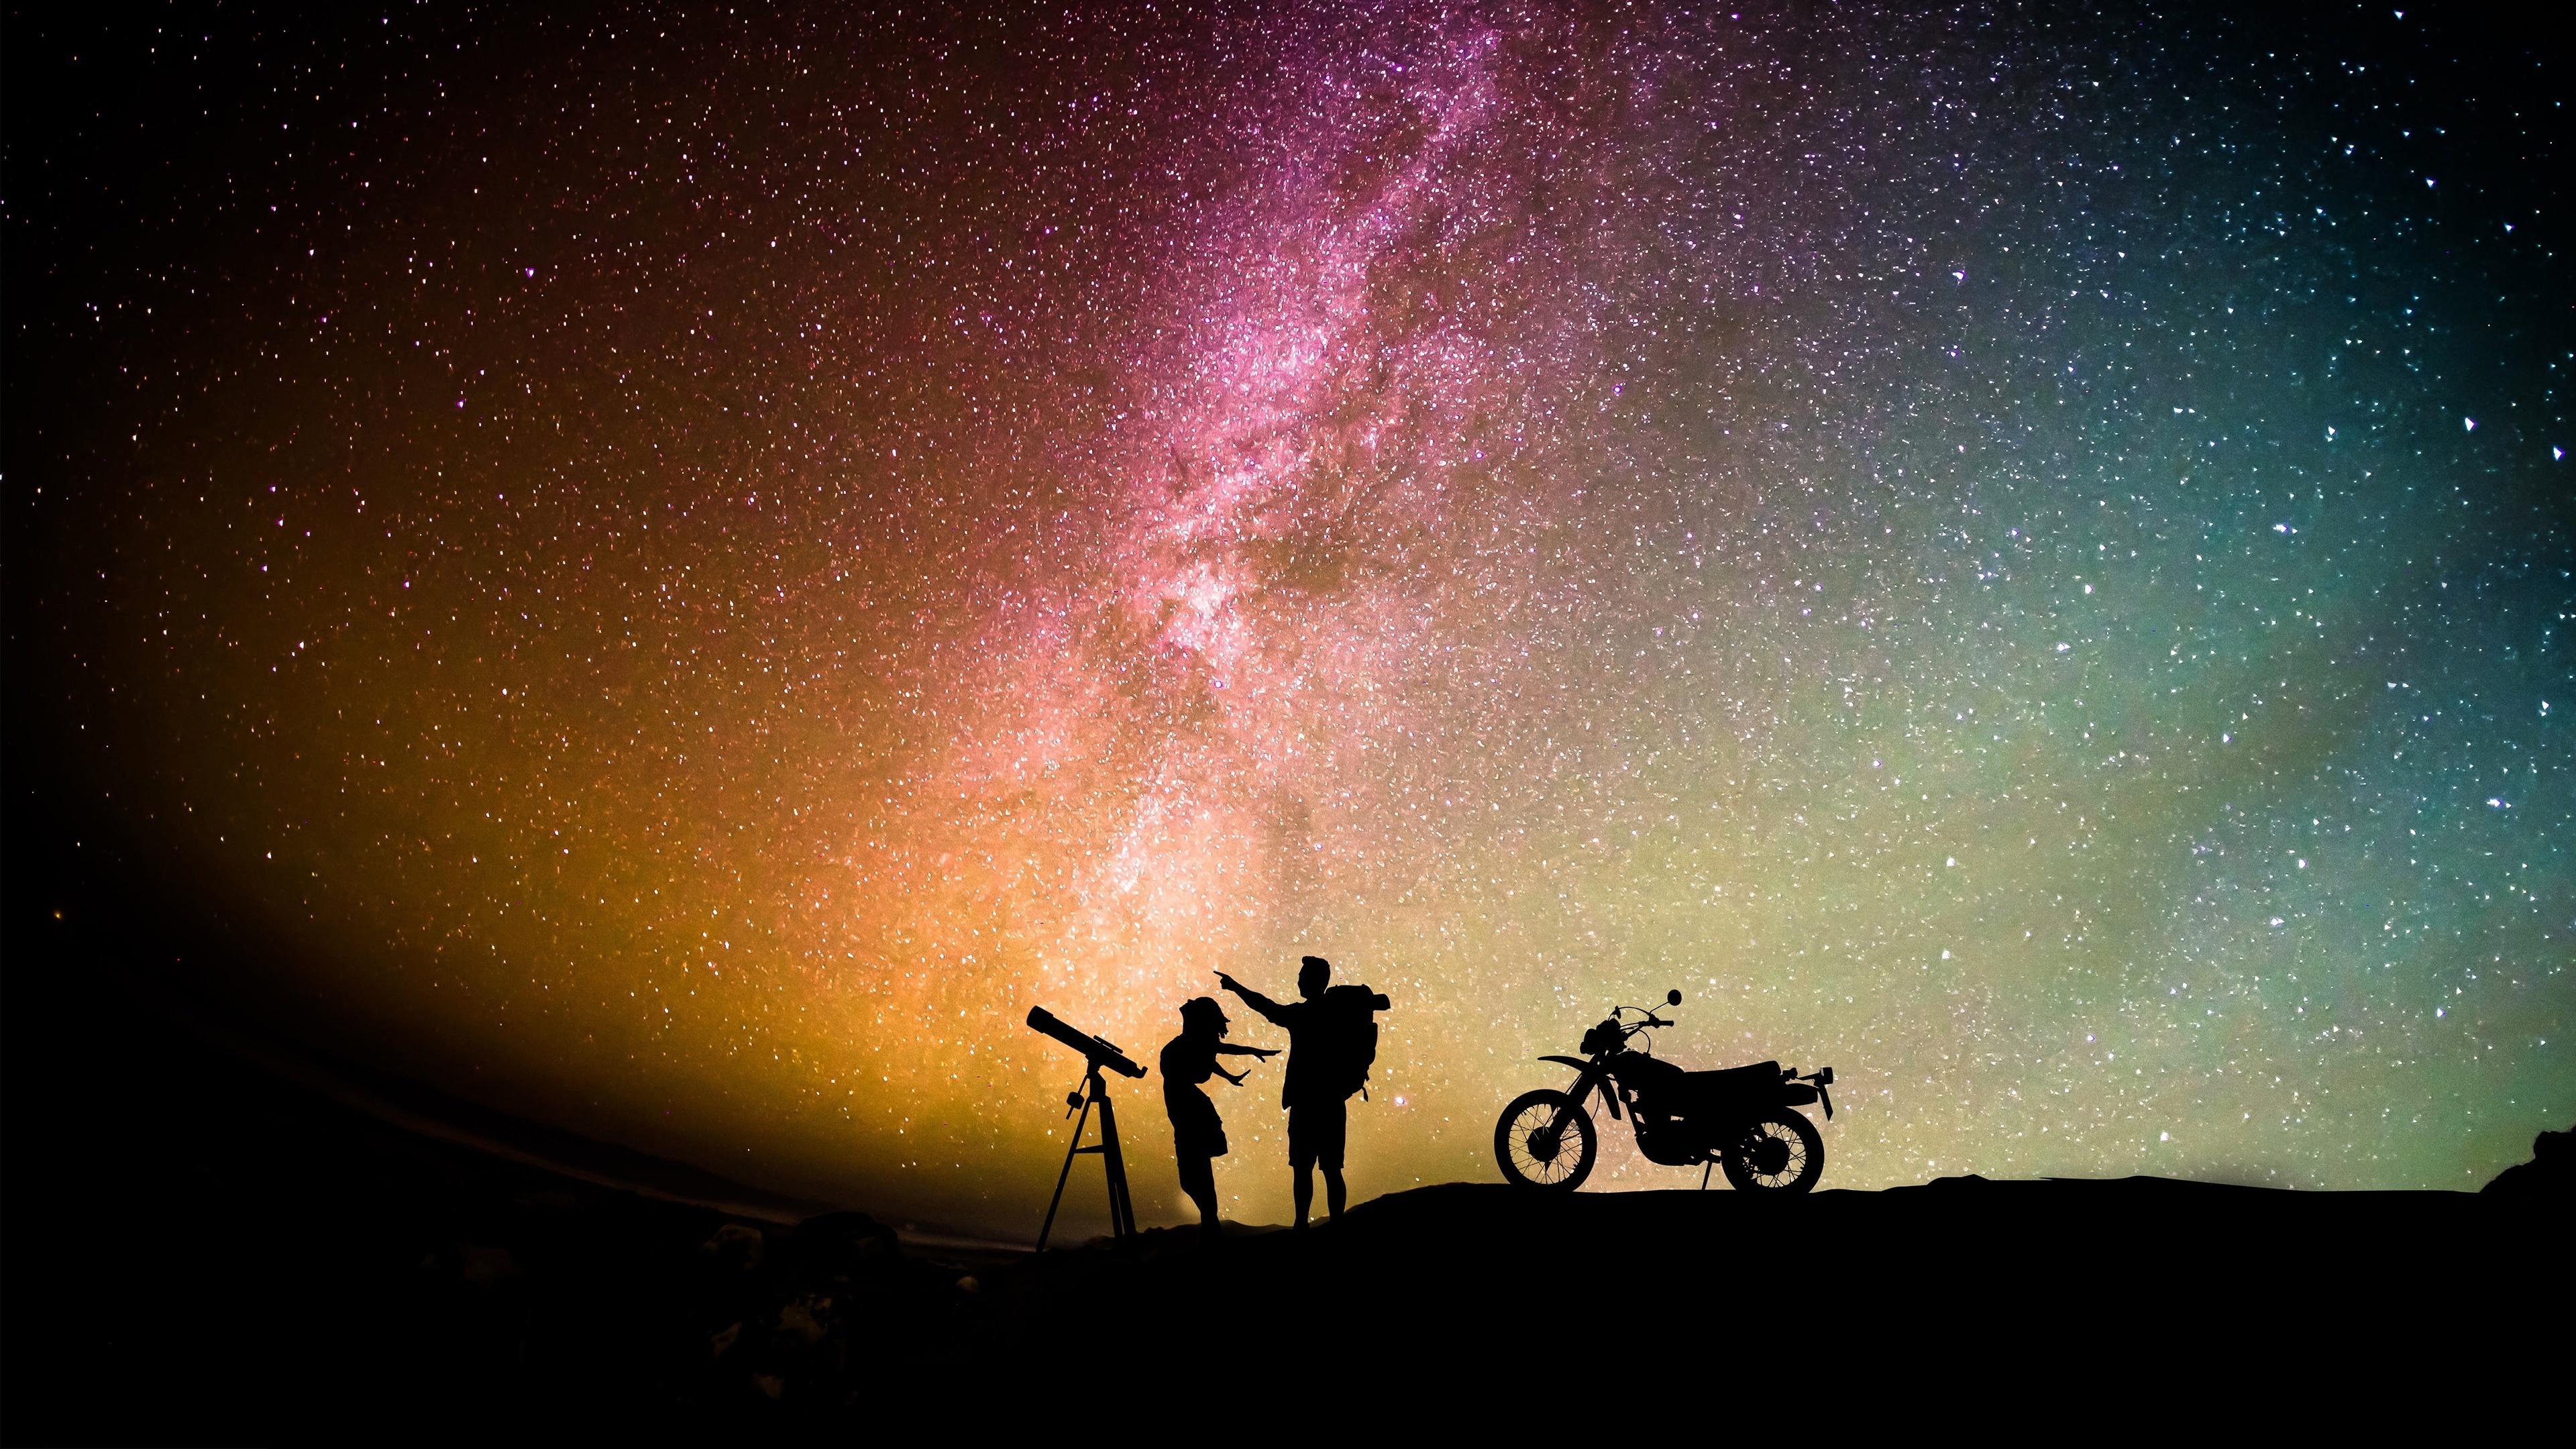 Фото Звезды мужчина силуэты Девушки Небо Мотоциклист ночью 3840x2160 Мужчины Силуэт силуэта девушка молодые женщины молодая женщина Ночь в ночи Ночные